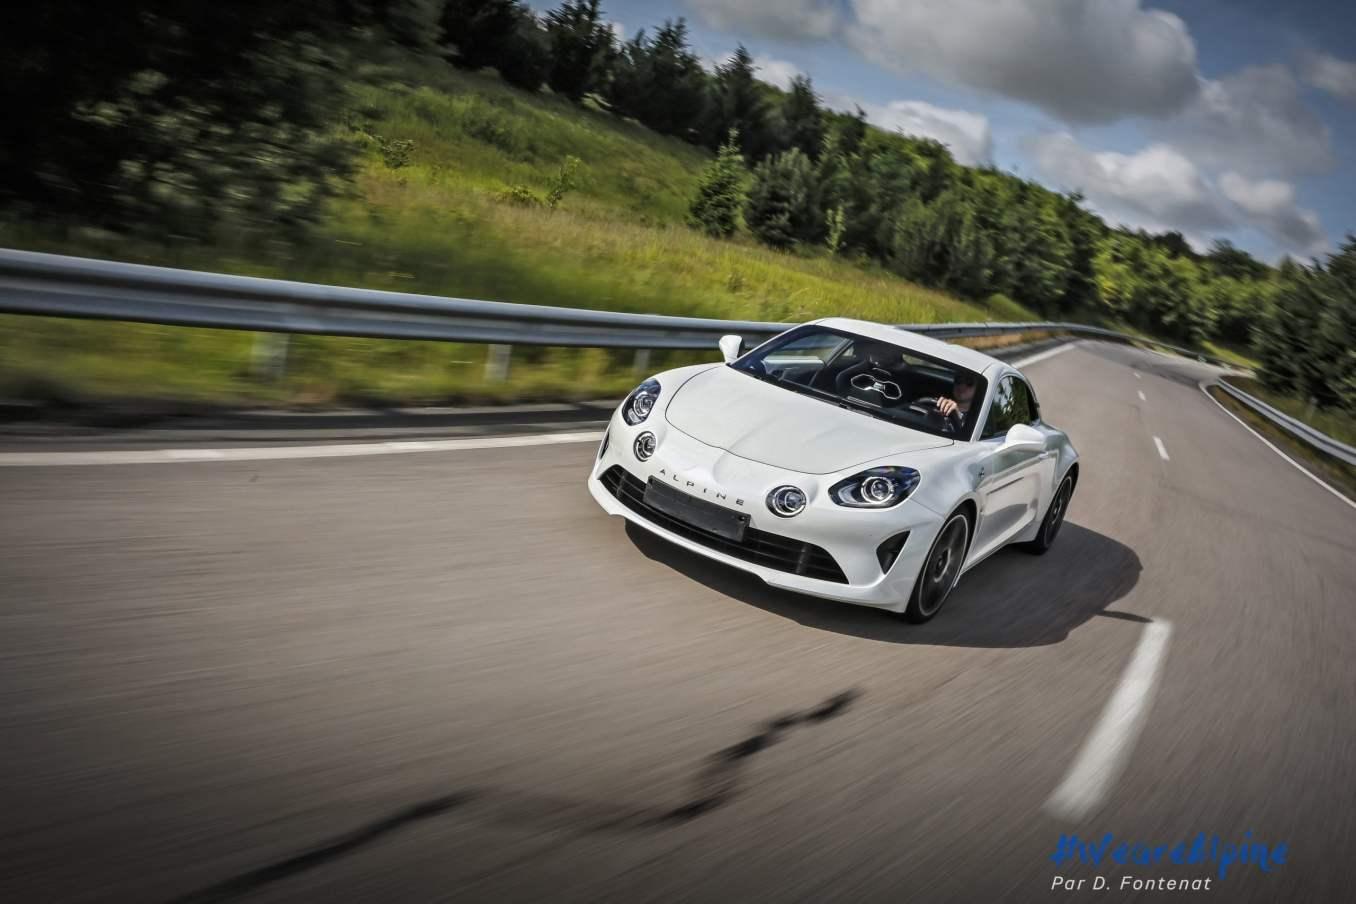 DF18753©D.Fontenat scaled | Essai vidéo de la nouvelle Alpine A110 sur circuit en exclusivité mondiale !